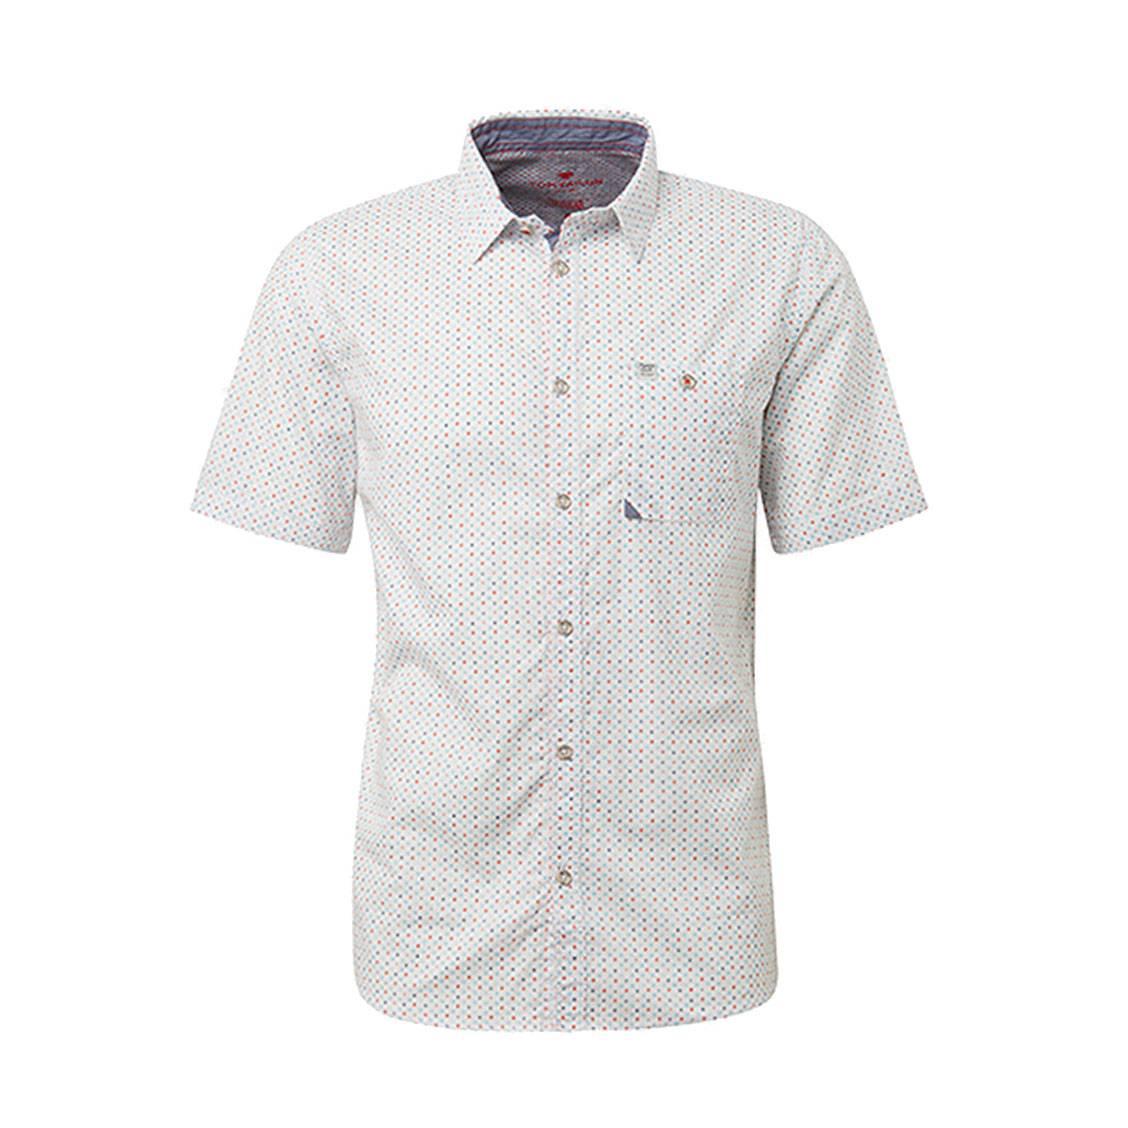 Chemise ajustée manches courtes  ray en coton blanc à micro motifs bleu ciel, rouges et bleu marine